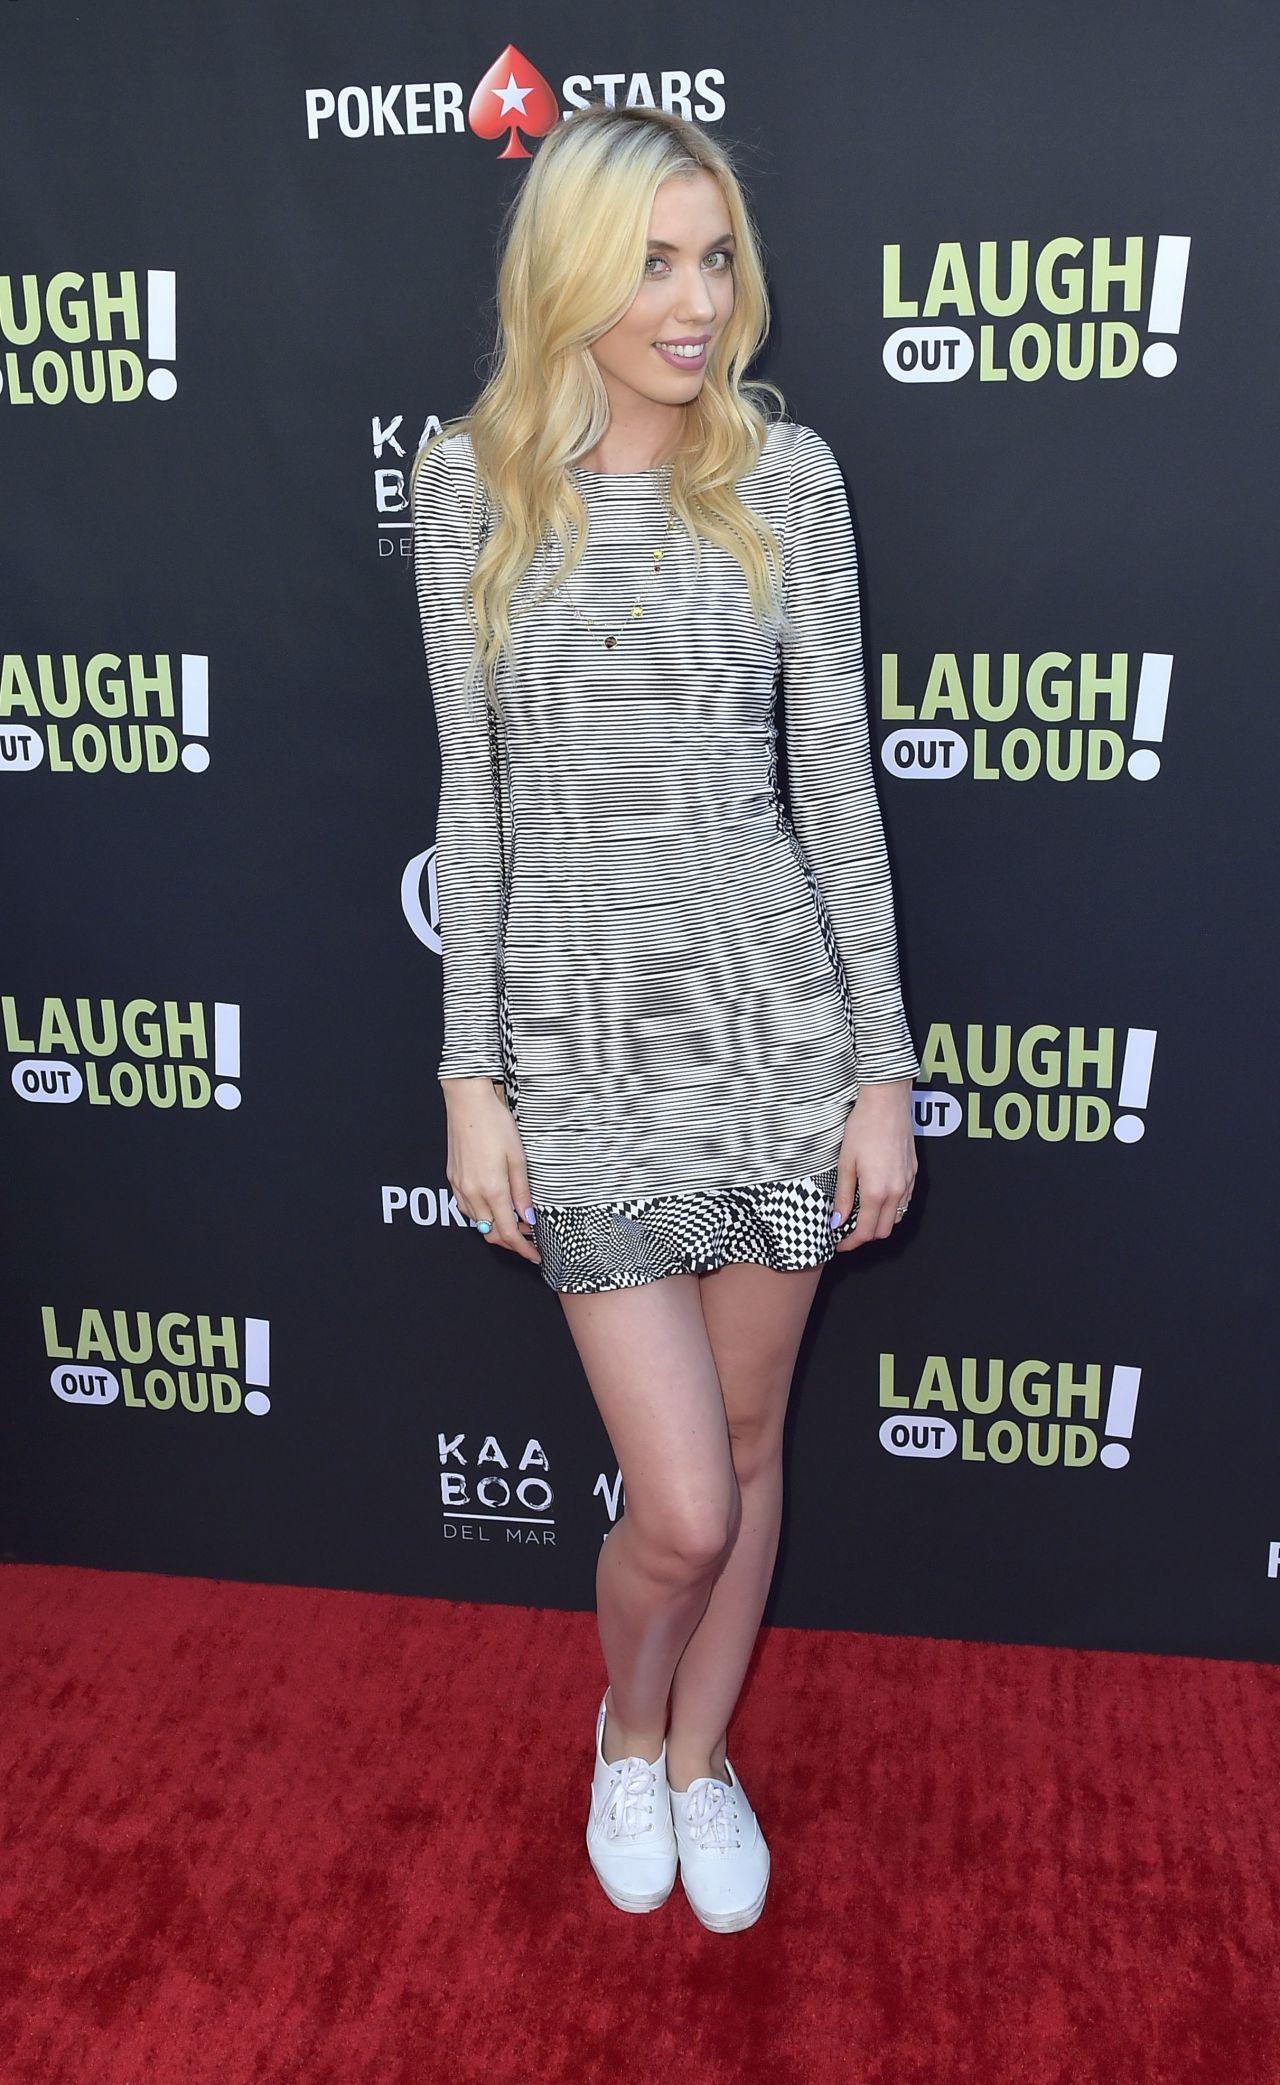 Laugh Out Loud Lionsgate